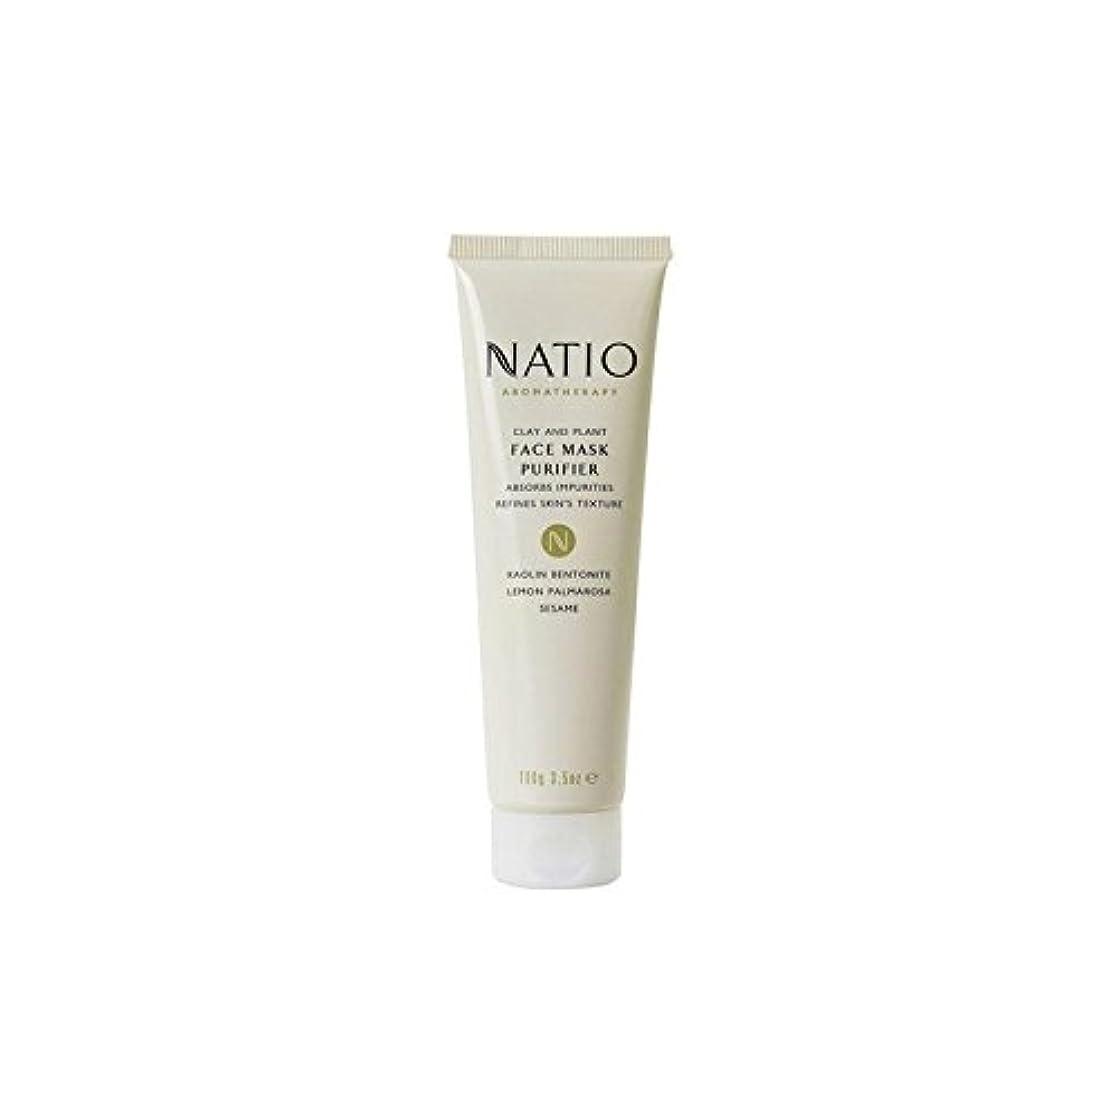 キャップ手順カプセル粘土&植物フェイスマスクの浄化(100グラム) x2 - Natio Clay & Plant Face Mask Purifier (100G) (Pack of 2) [並行輸入品]